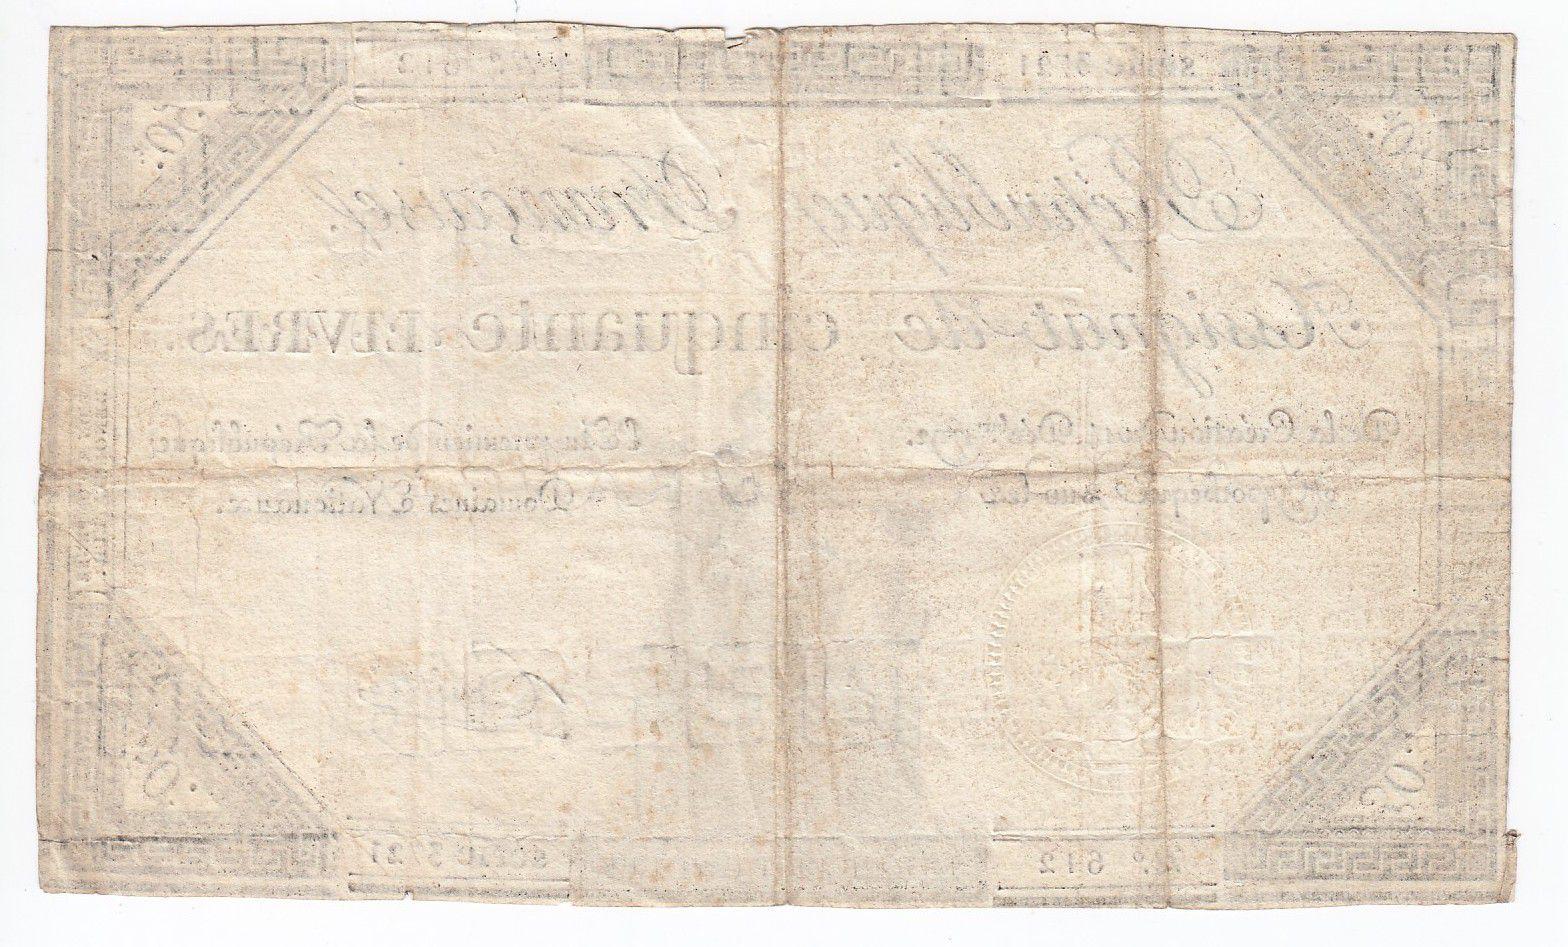 France 50 Livres France assise - 14-12-1792 - Sign. Gaillet - TTB